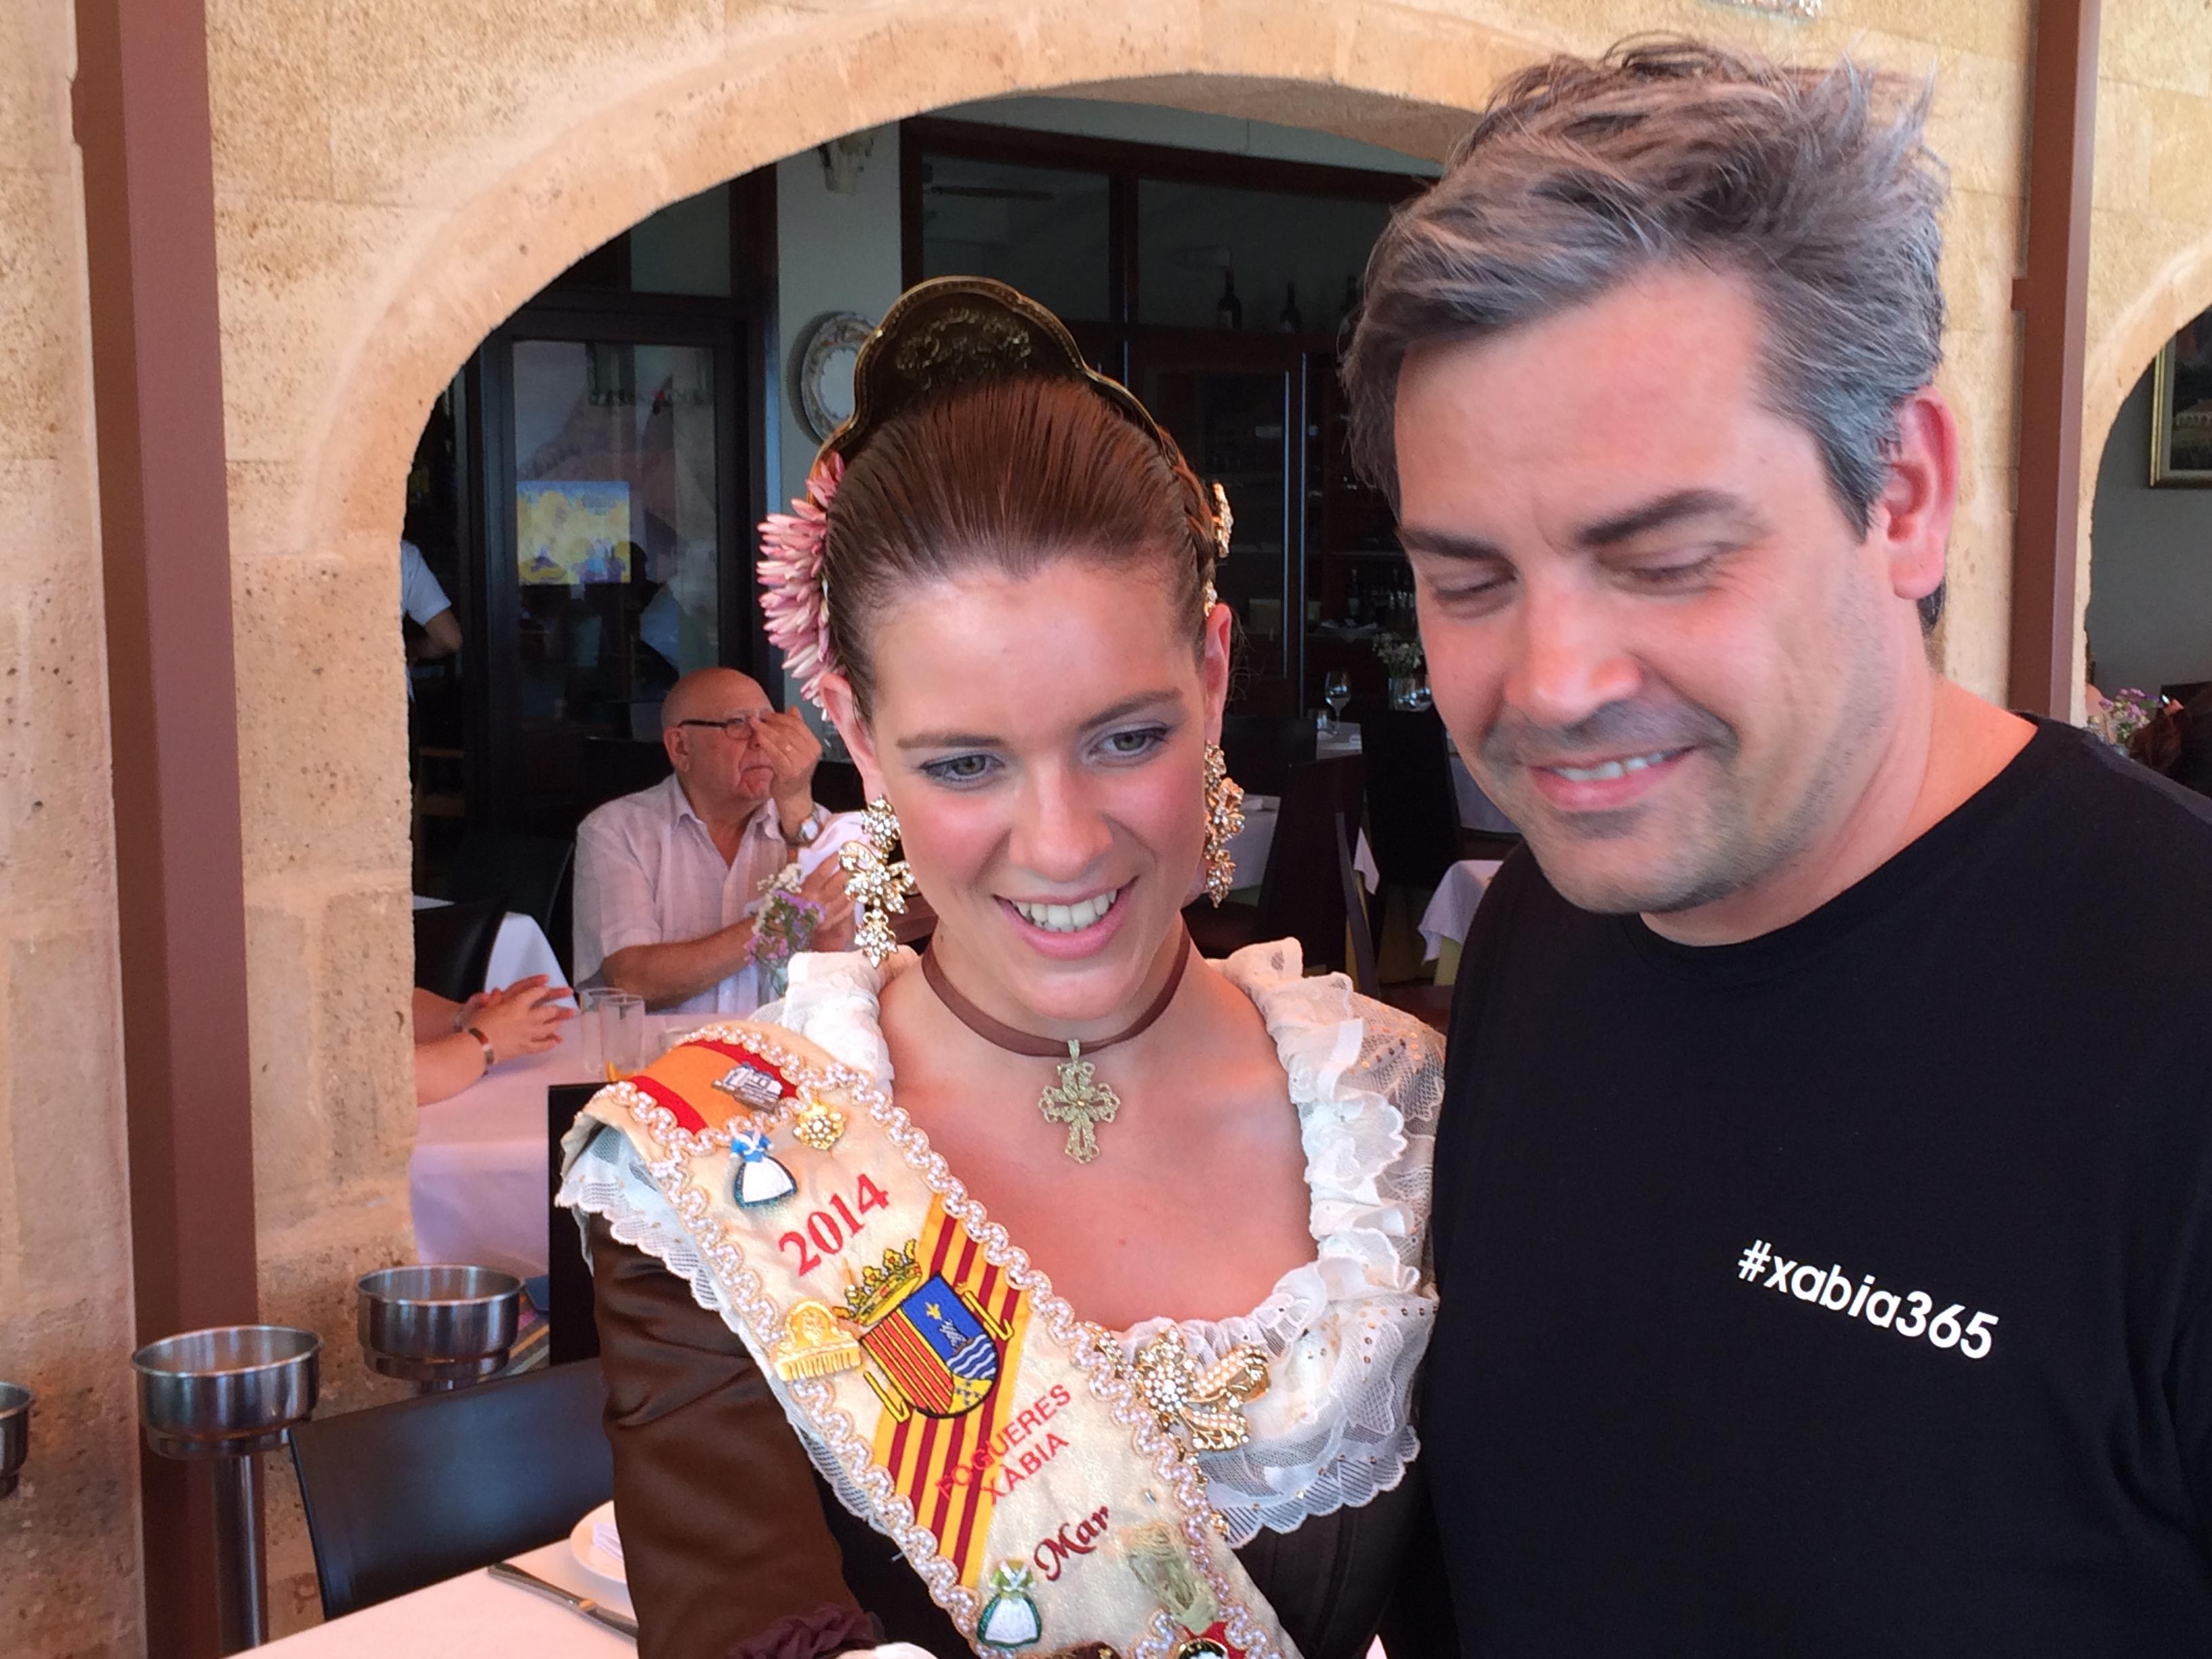 Álvaro Santos y la reina de San Juan de Jávea/Xàbia 2014